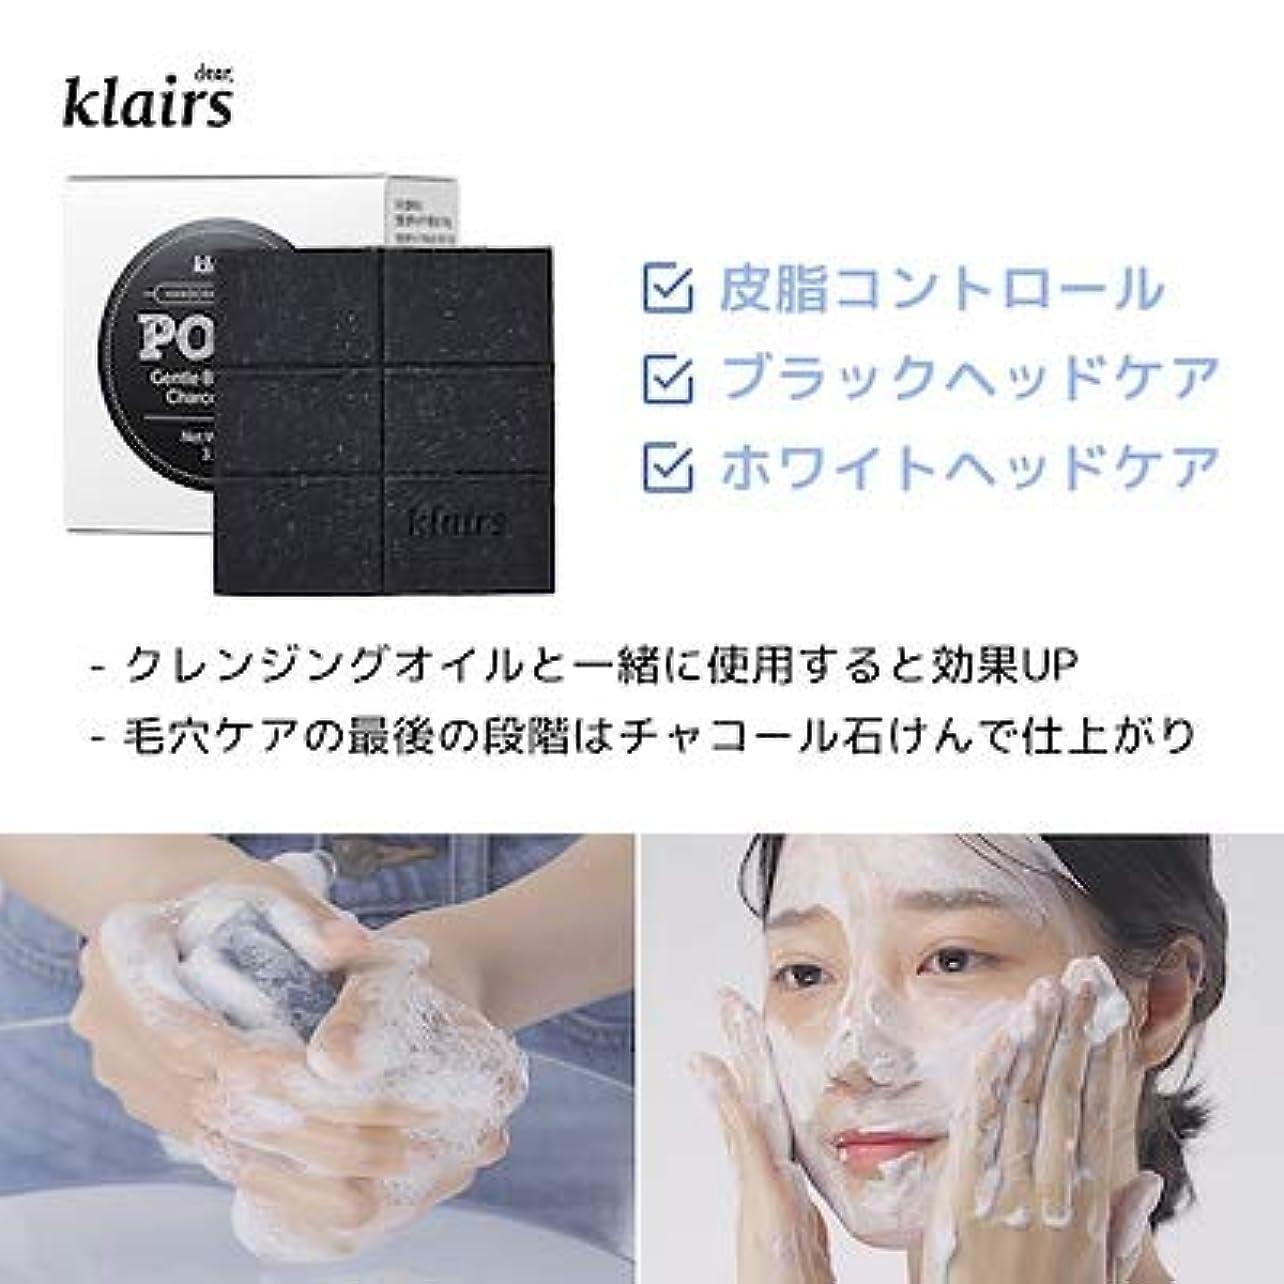 規制お尻採用KLAIRS(クレアズ) ジェントルブラックシュガーチャコール石けん, Gentle Black Sugar Charcol Soap 120g [並行輸入品]